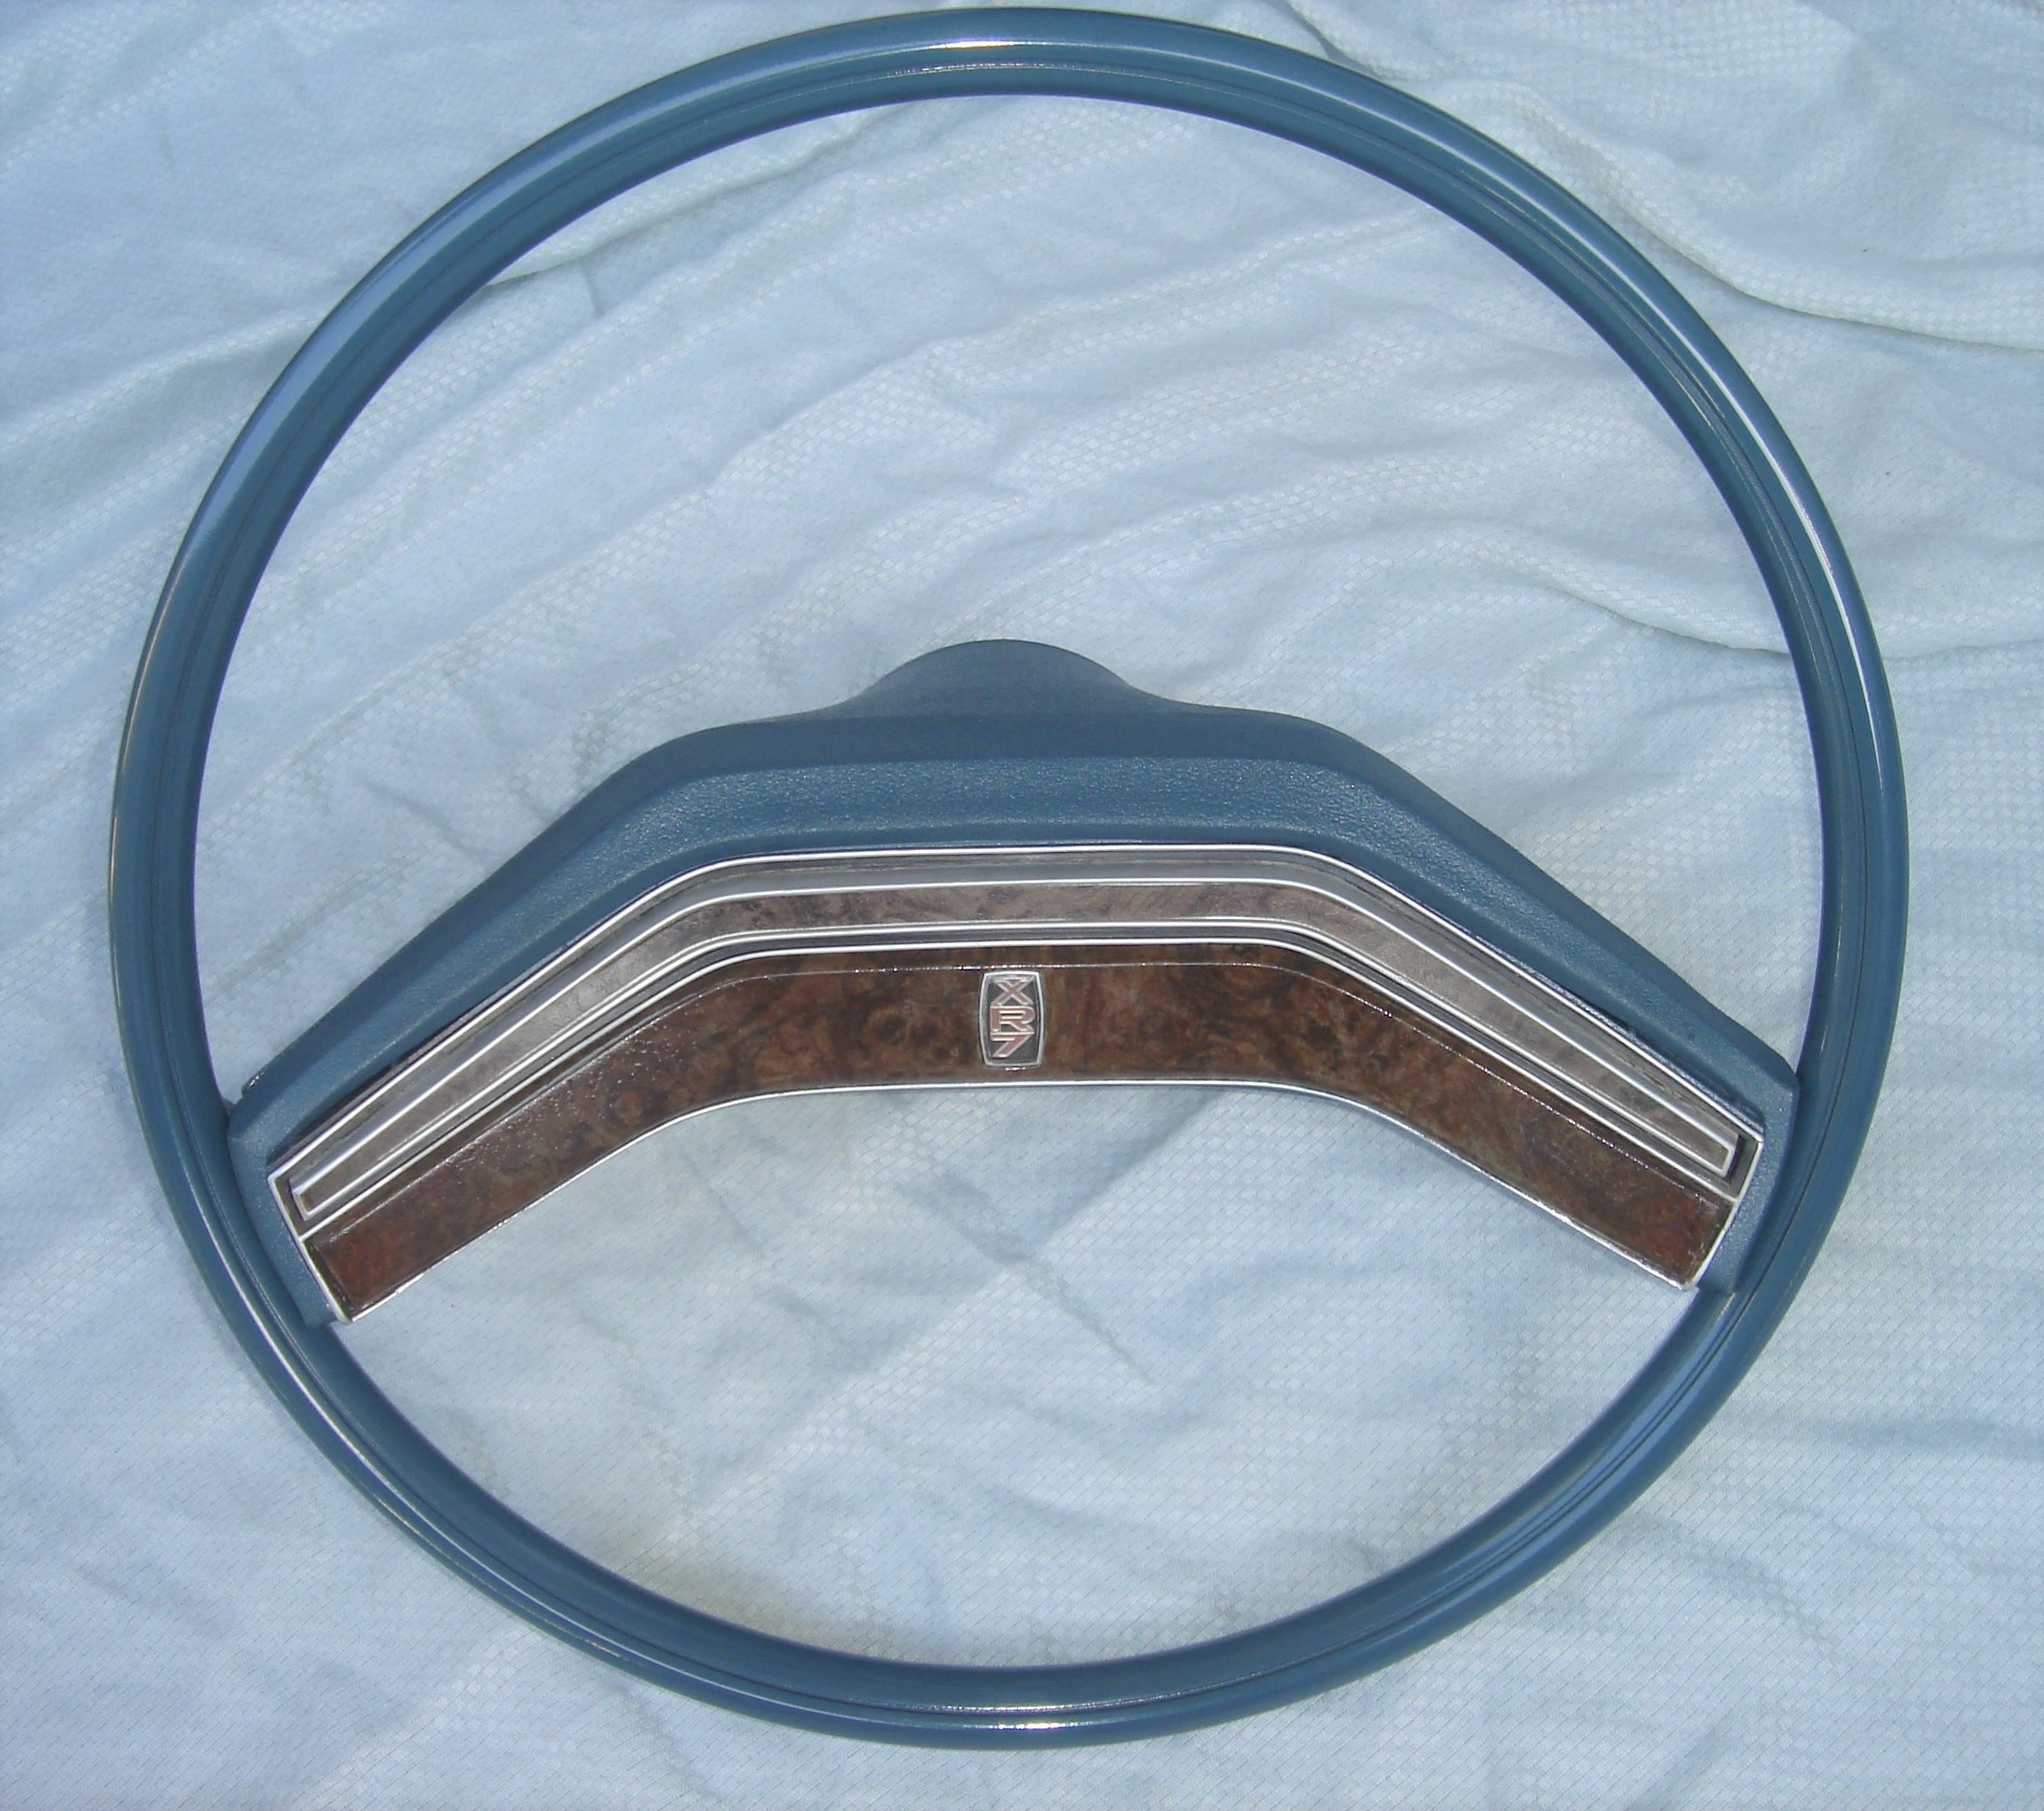 1977 Cougar XR7 steering wheel